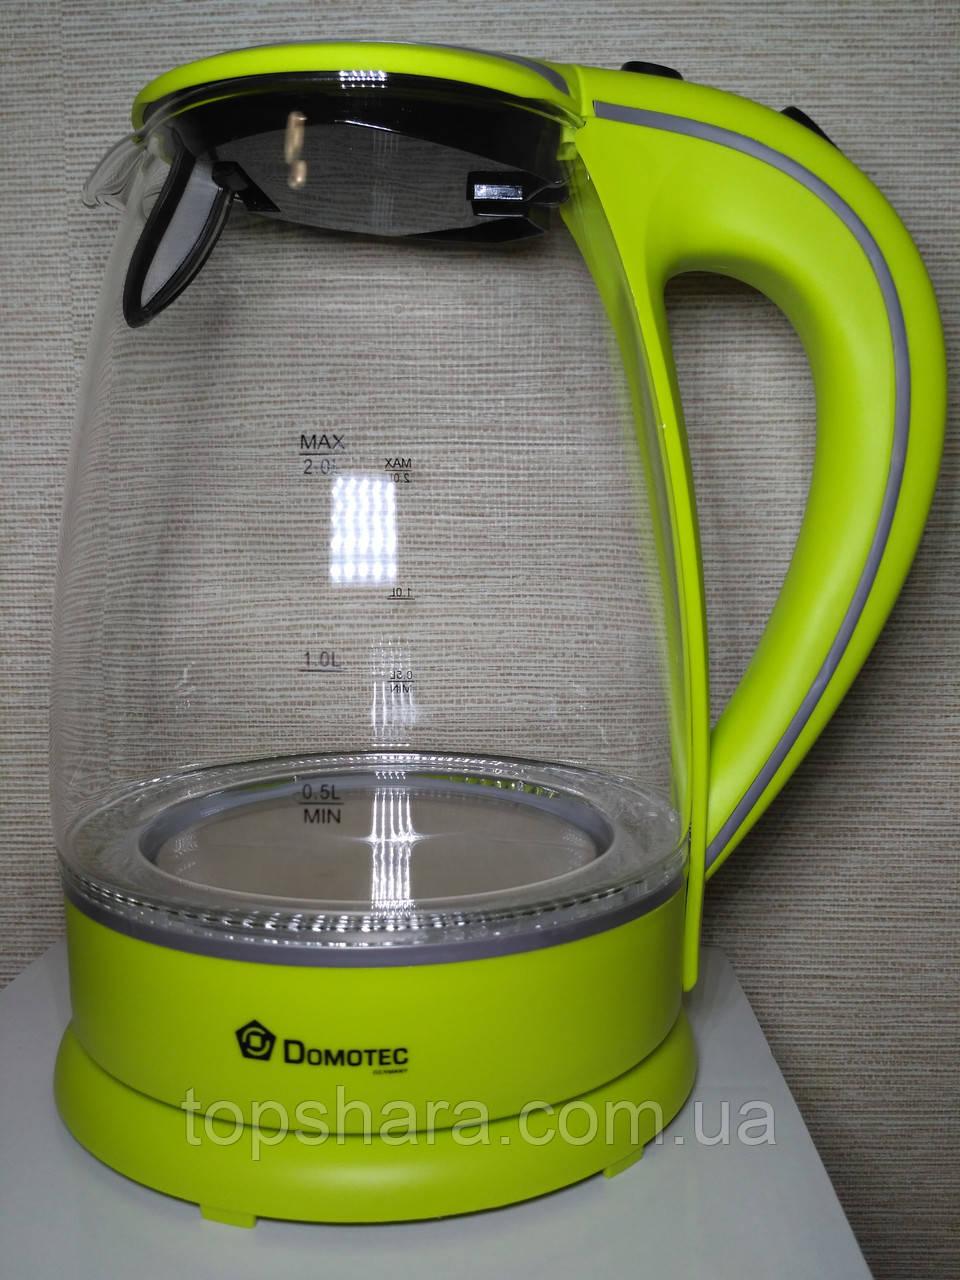 Электрочайник Domotec DT-703 чайник 2 л. Салатовый